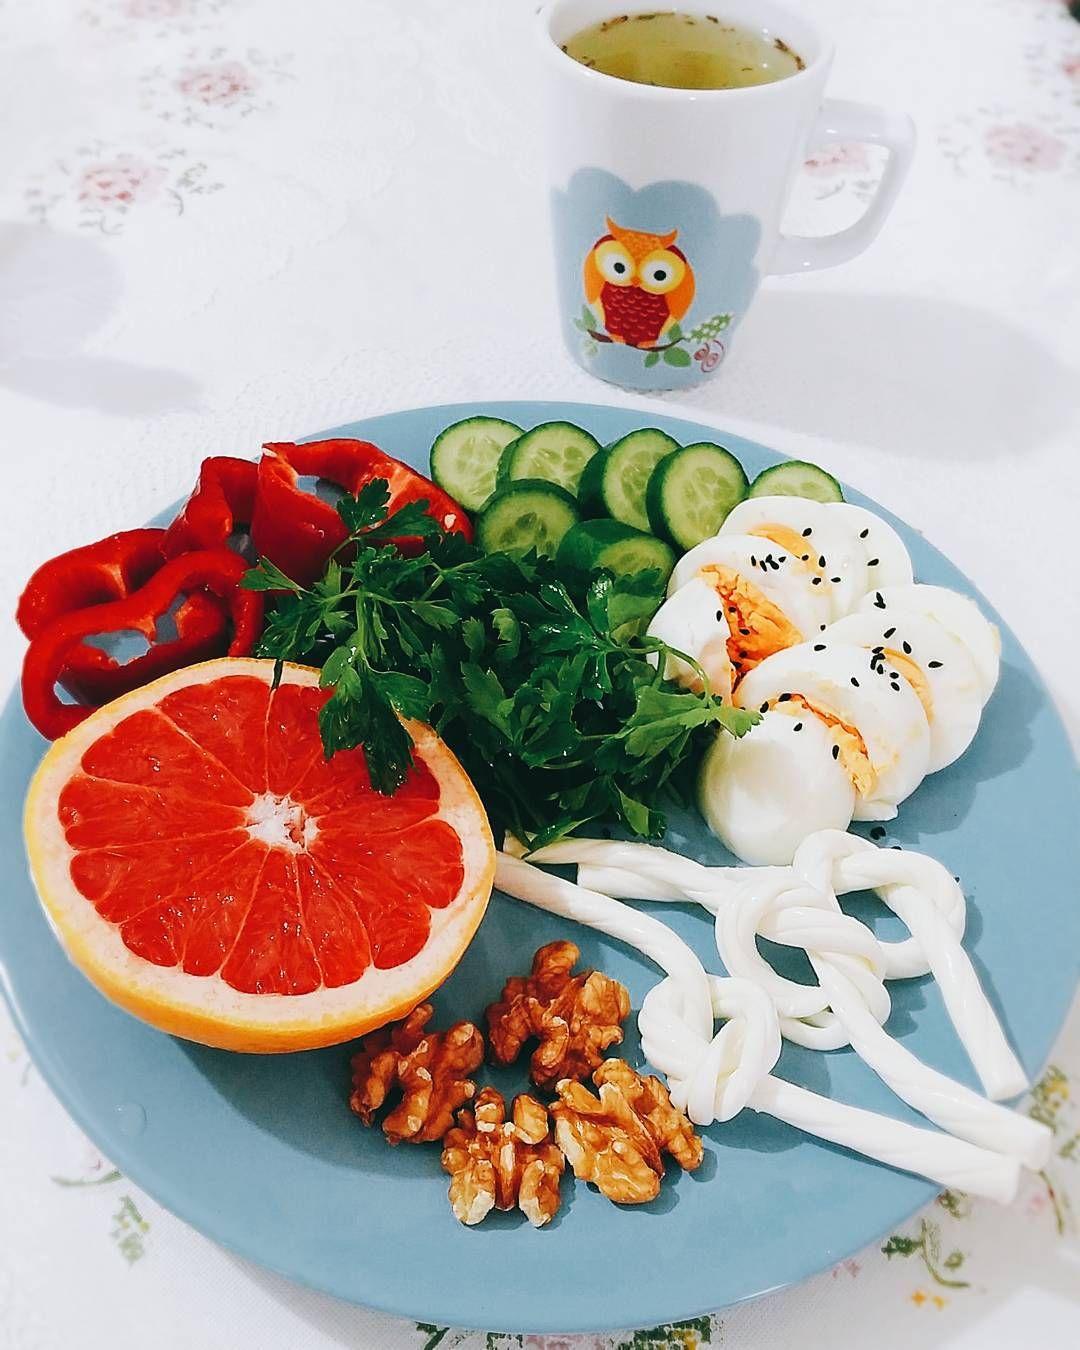 En güzel mutfak paylaşımları için kanalımıza abone olunuz. http://www.kadinika.com Günaydın kahvalti(07:30) #yasasindiyet#diyet#diyetteyim#kilokaybi#kiloveriyorum#saglikliyasam#domates#peynir#karatay#karataydiyeti#karatay#sekerorucu#diyet#diyetteyim#kilokaybi#kiloveriyorum#saglikliyasam#gramdiyetim#mutfakgram#gramkahvalti#gramdiyetim#lezzetlisunumlar#sunumonemlidir#fit#egg#bread#yasasindiyet#diyet#diyetteyim#kilokaybi#hafifbeslen#hafifyemeli @hafifyemeli